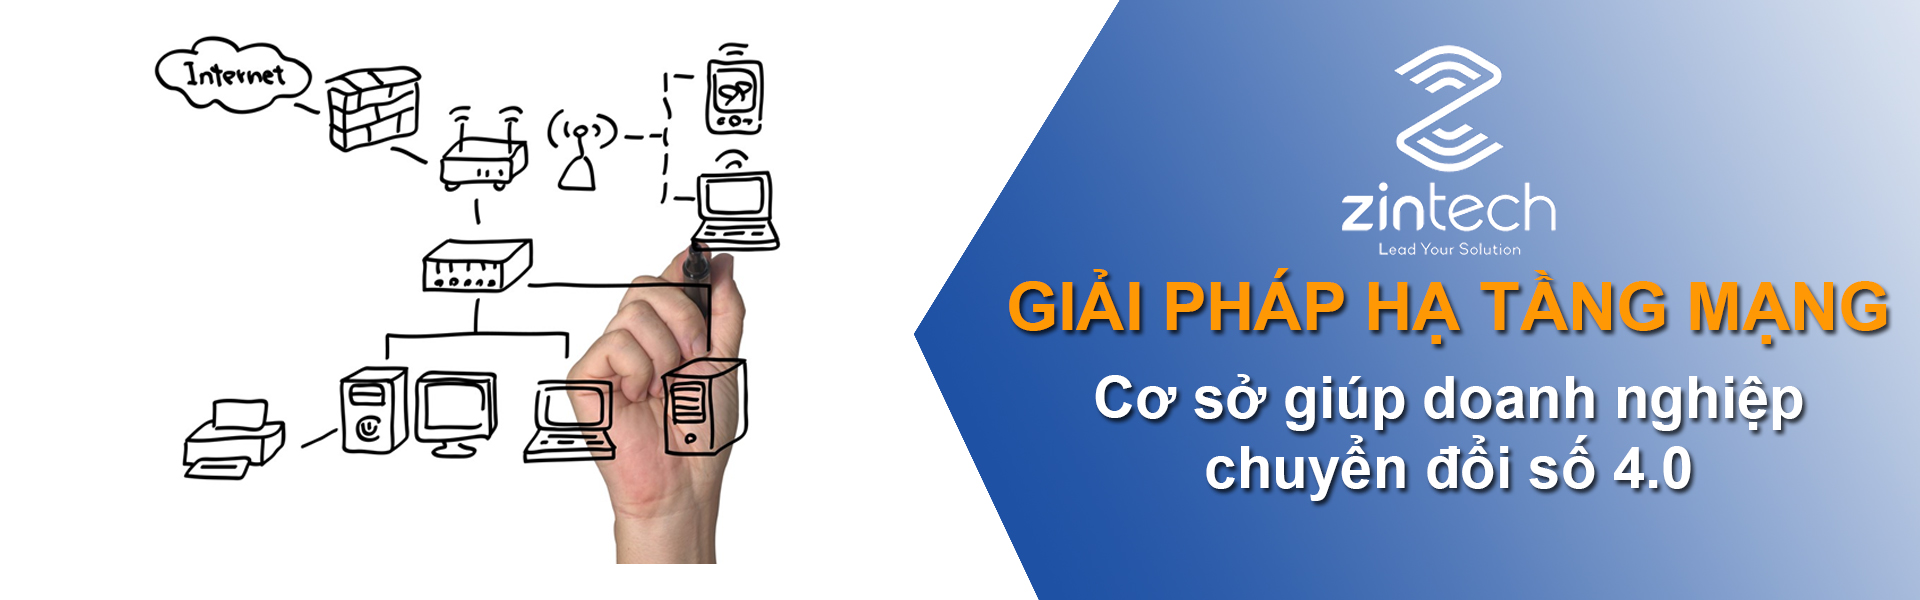 Giai phap ha tang mang cho doanh nghiep zintech banner2